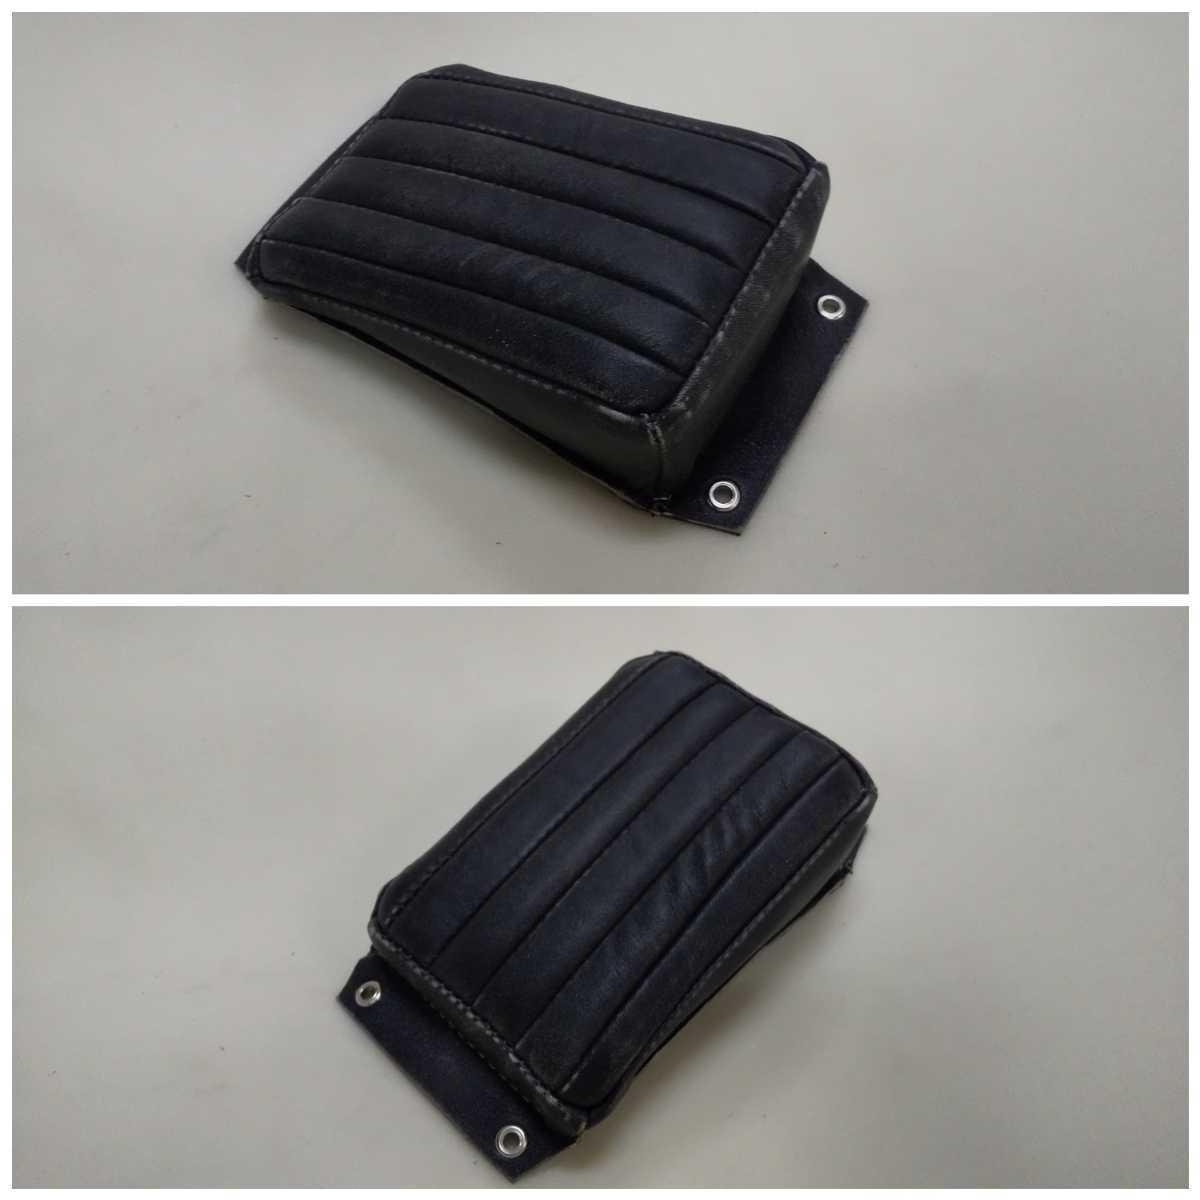 即決 本革製 ピリオンパッド 黒 パンナックル ショベル xlch WL サイドバルブ ベイツ ヴィンテージ ジュリアーリ チョッパ BATES